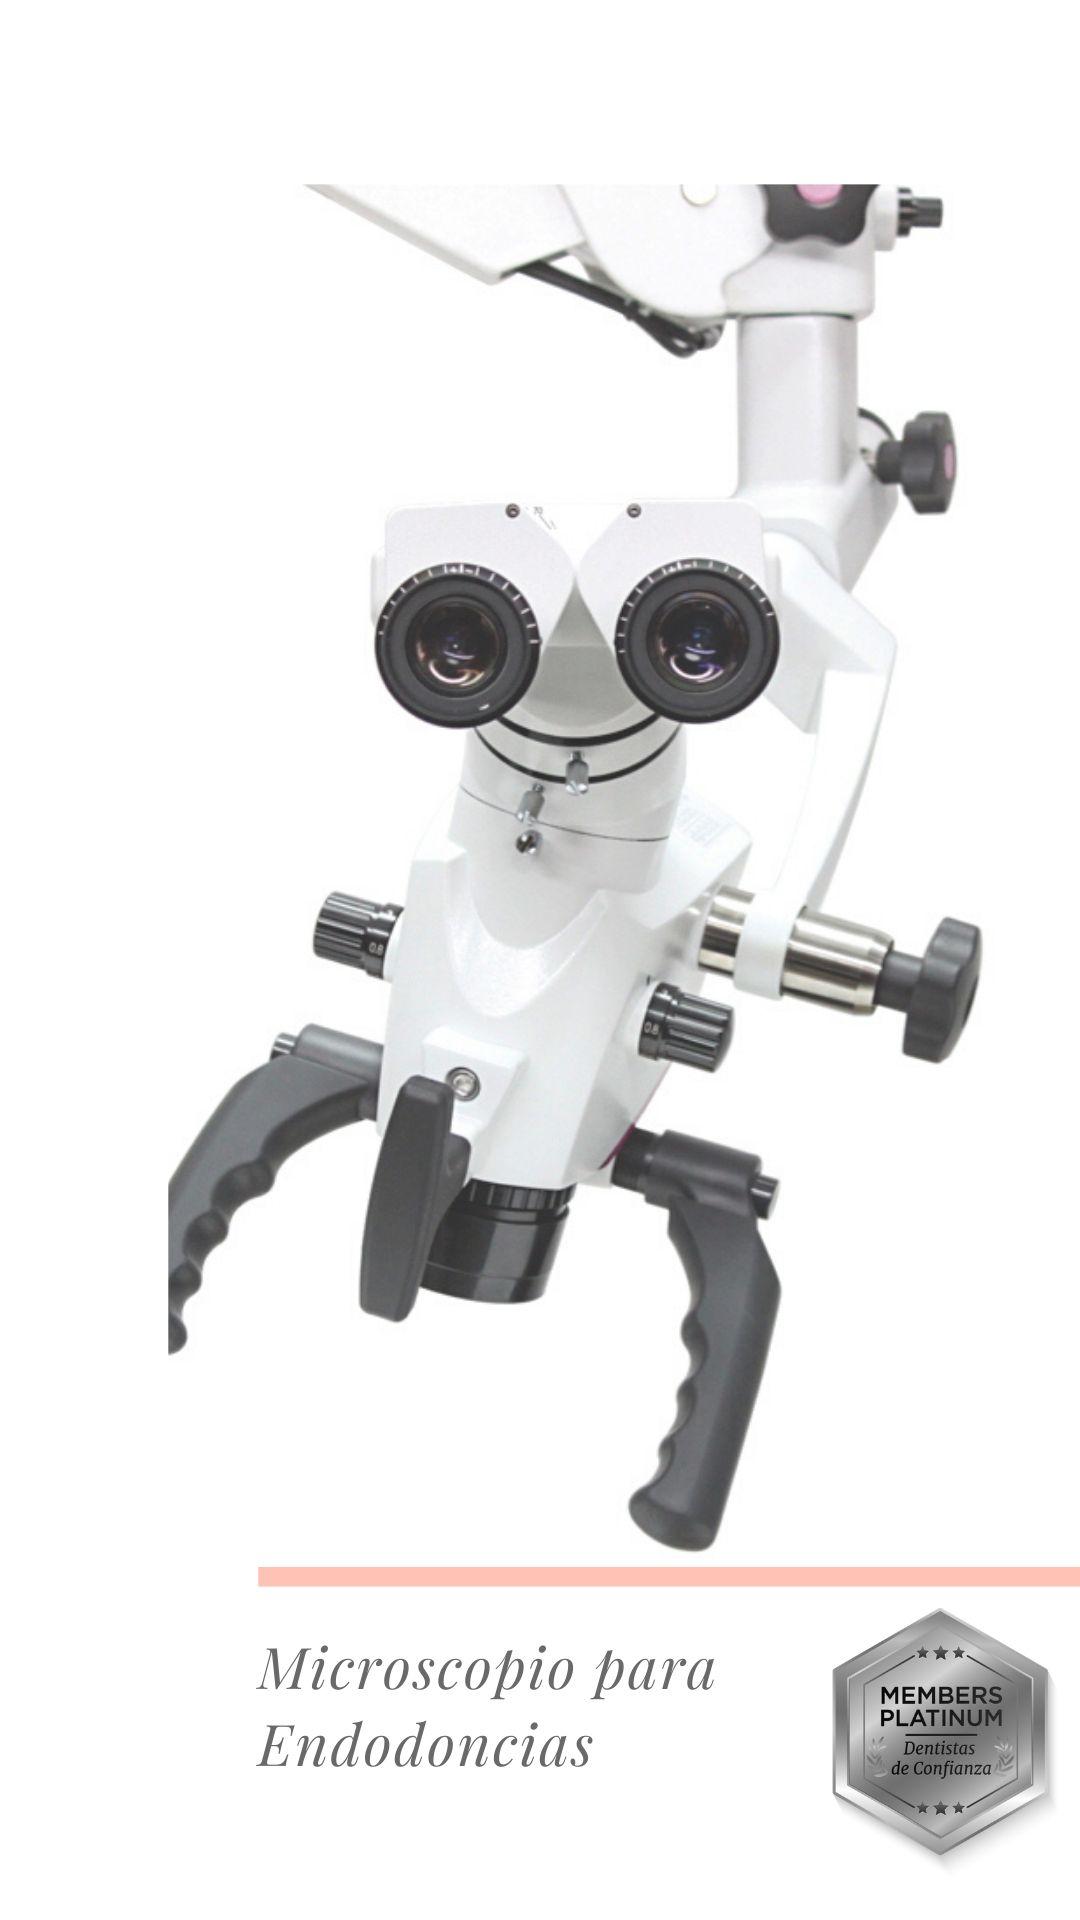 Microscopio para Endodoncias